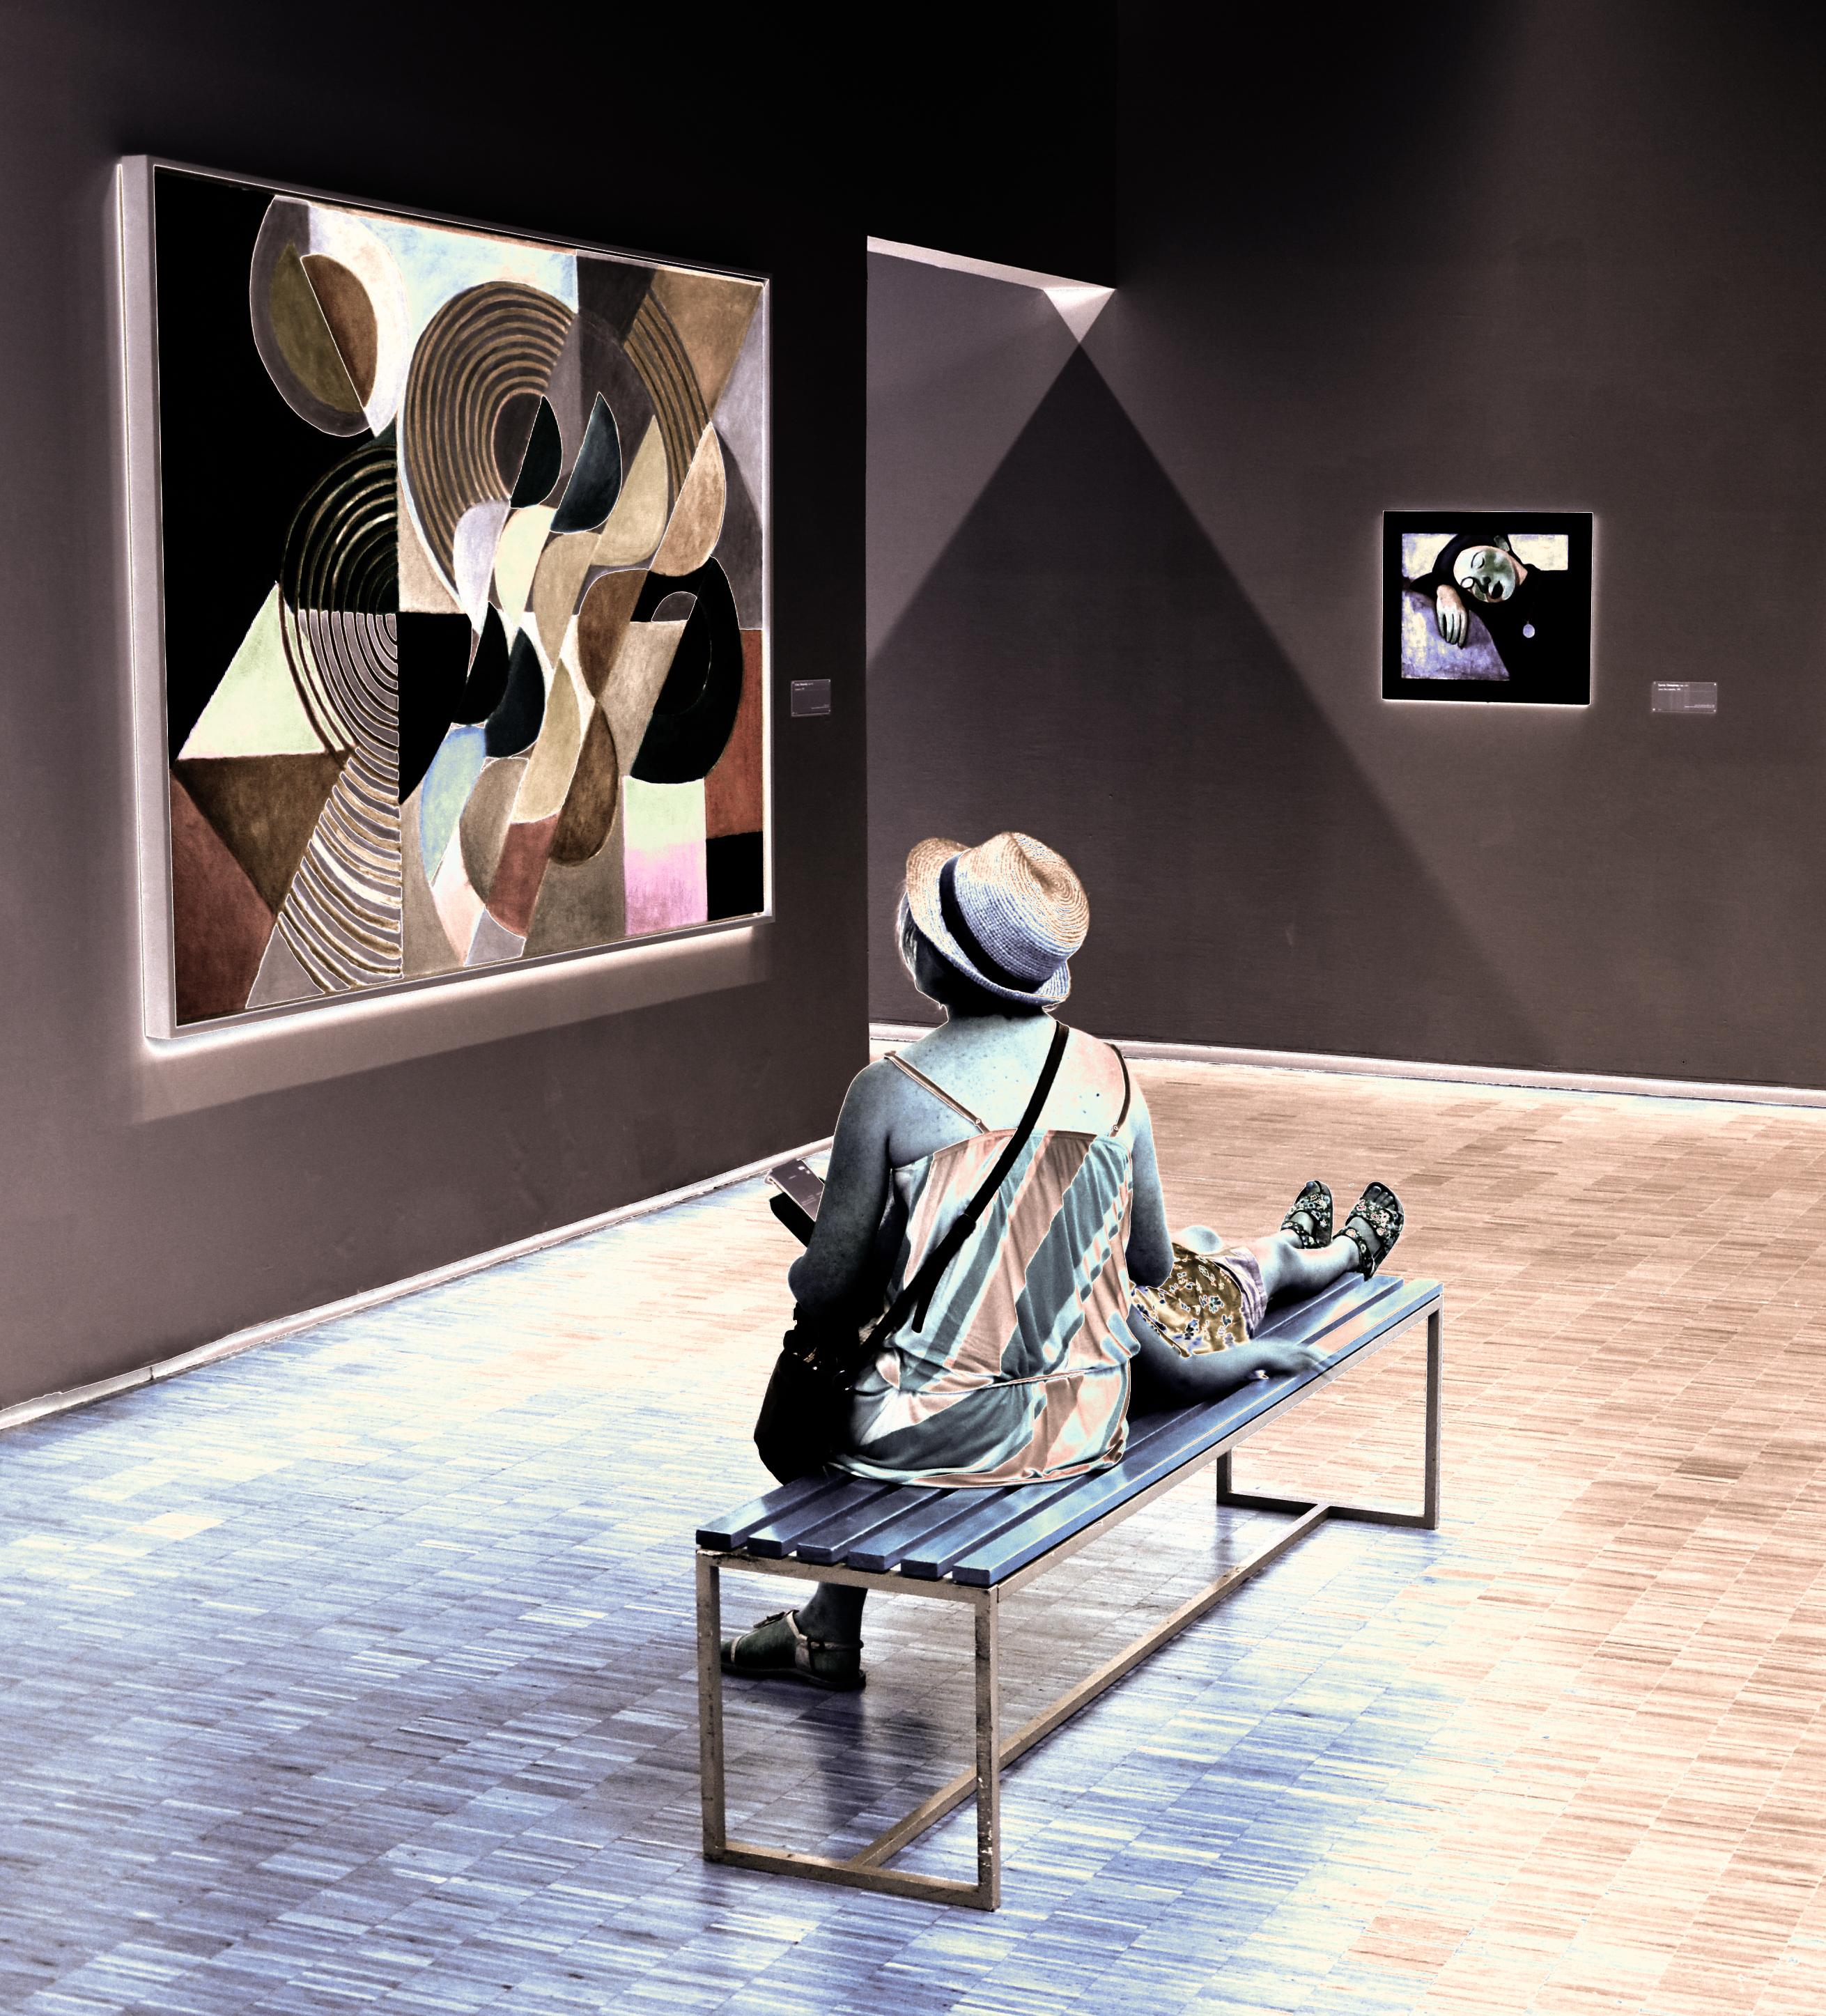 Composition, de Sonia Delaunay... con madre e hija.